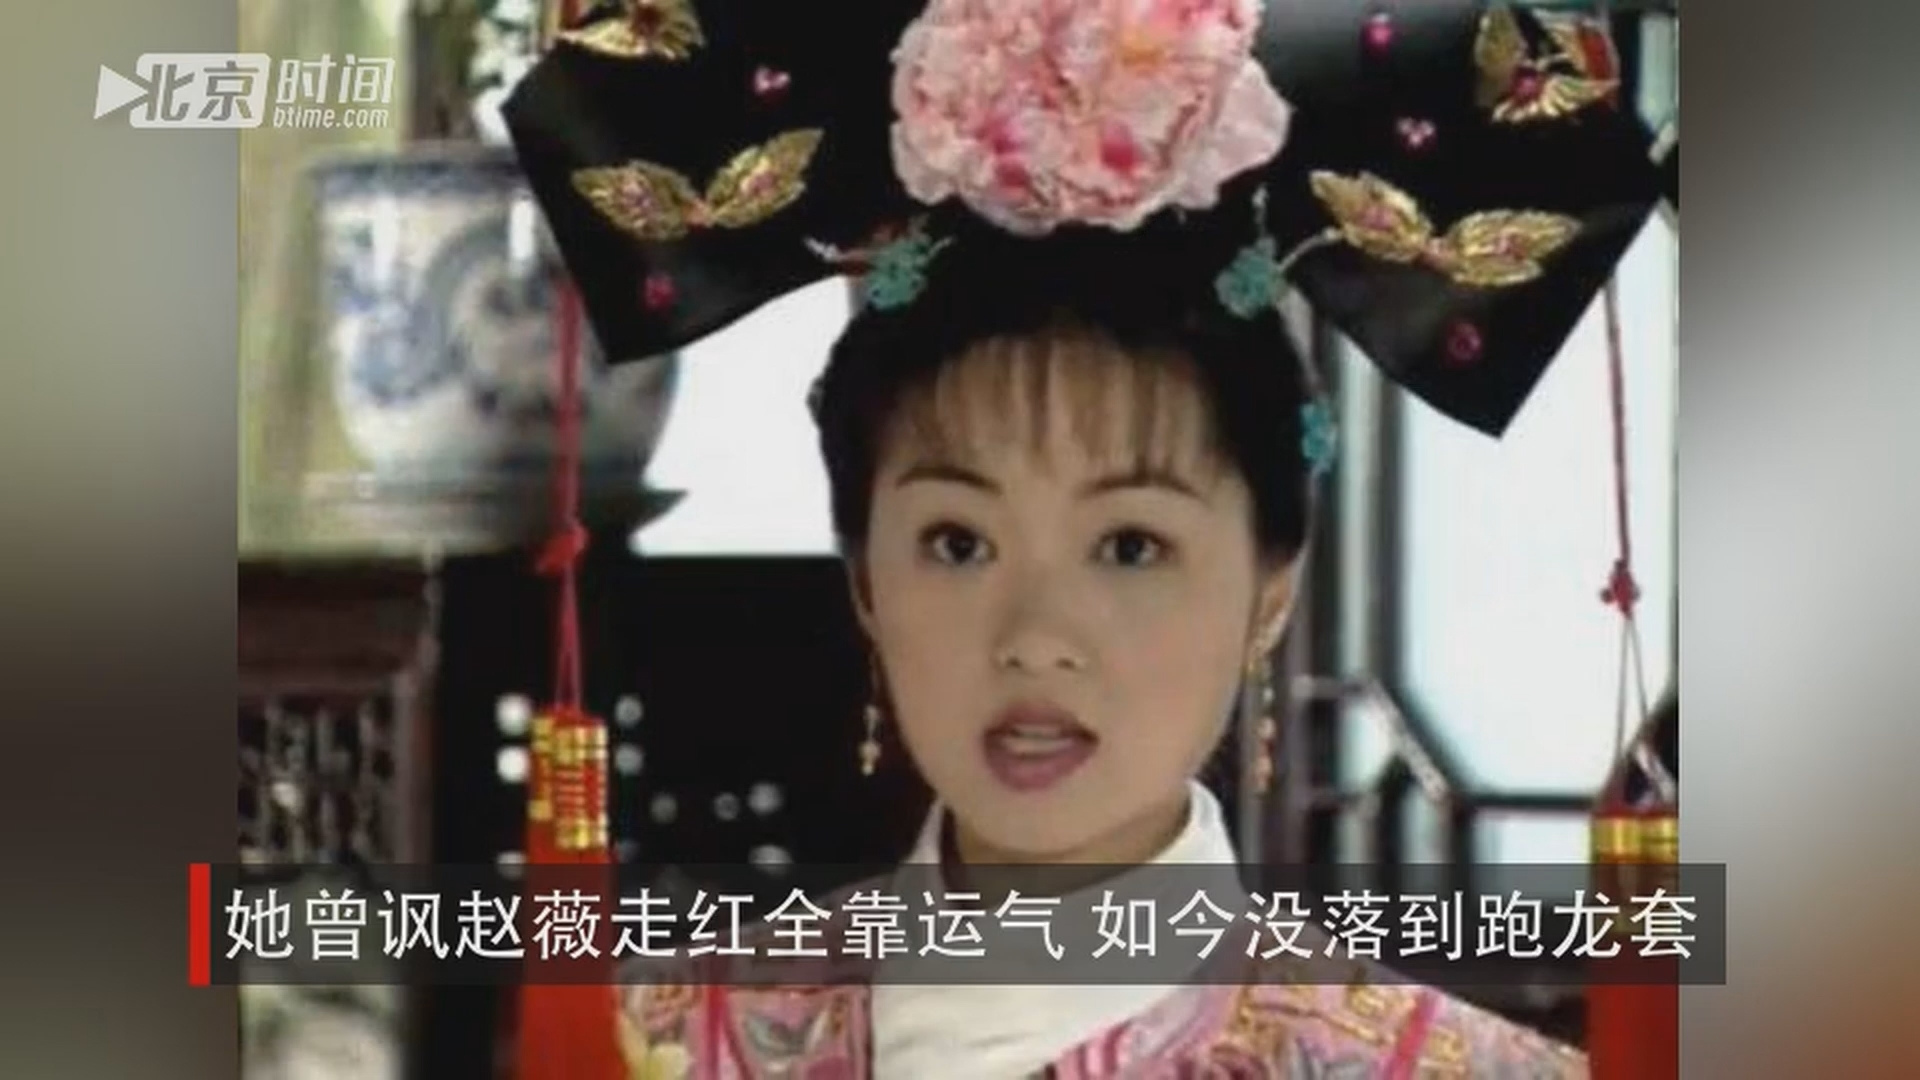 她曾讽赵薇走红全靠运气 如今没落到跑龙套